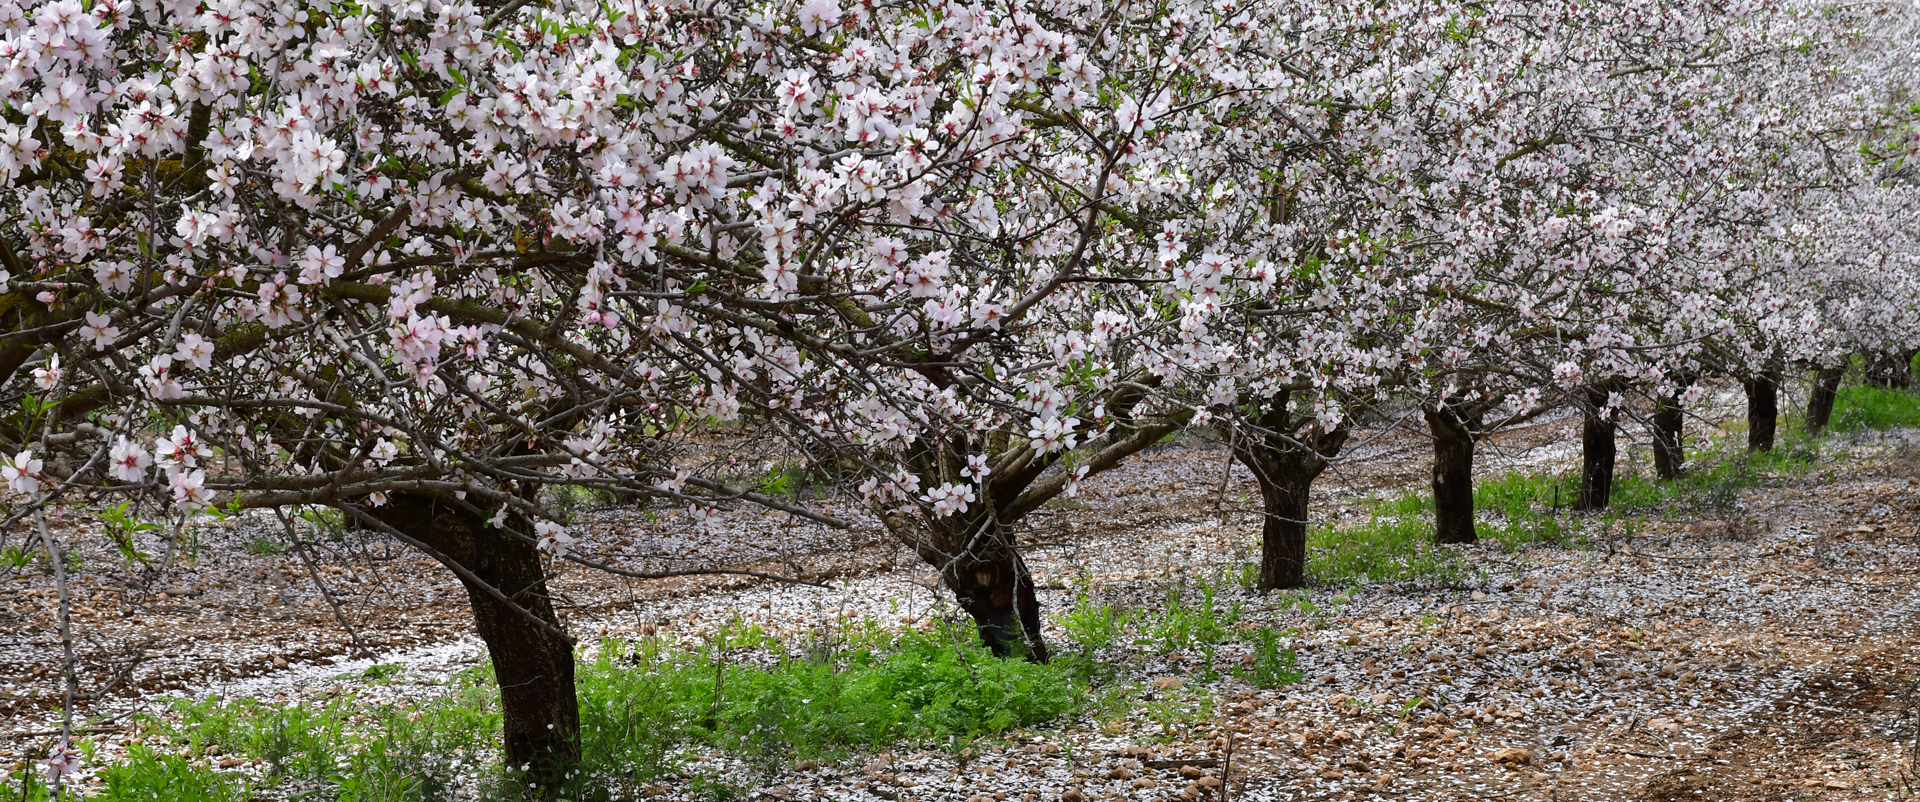 קצר פה כל כך האביב - יואל שתרוג - אדמה יוצרת - מטע שקדים